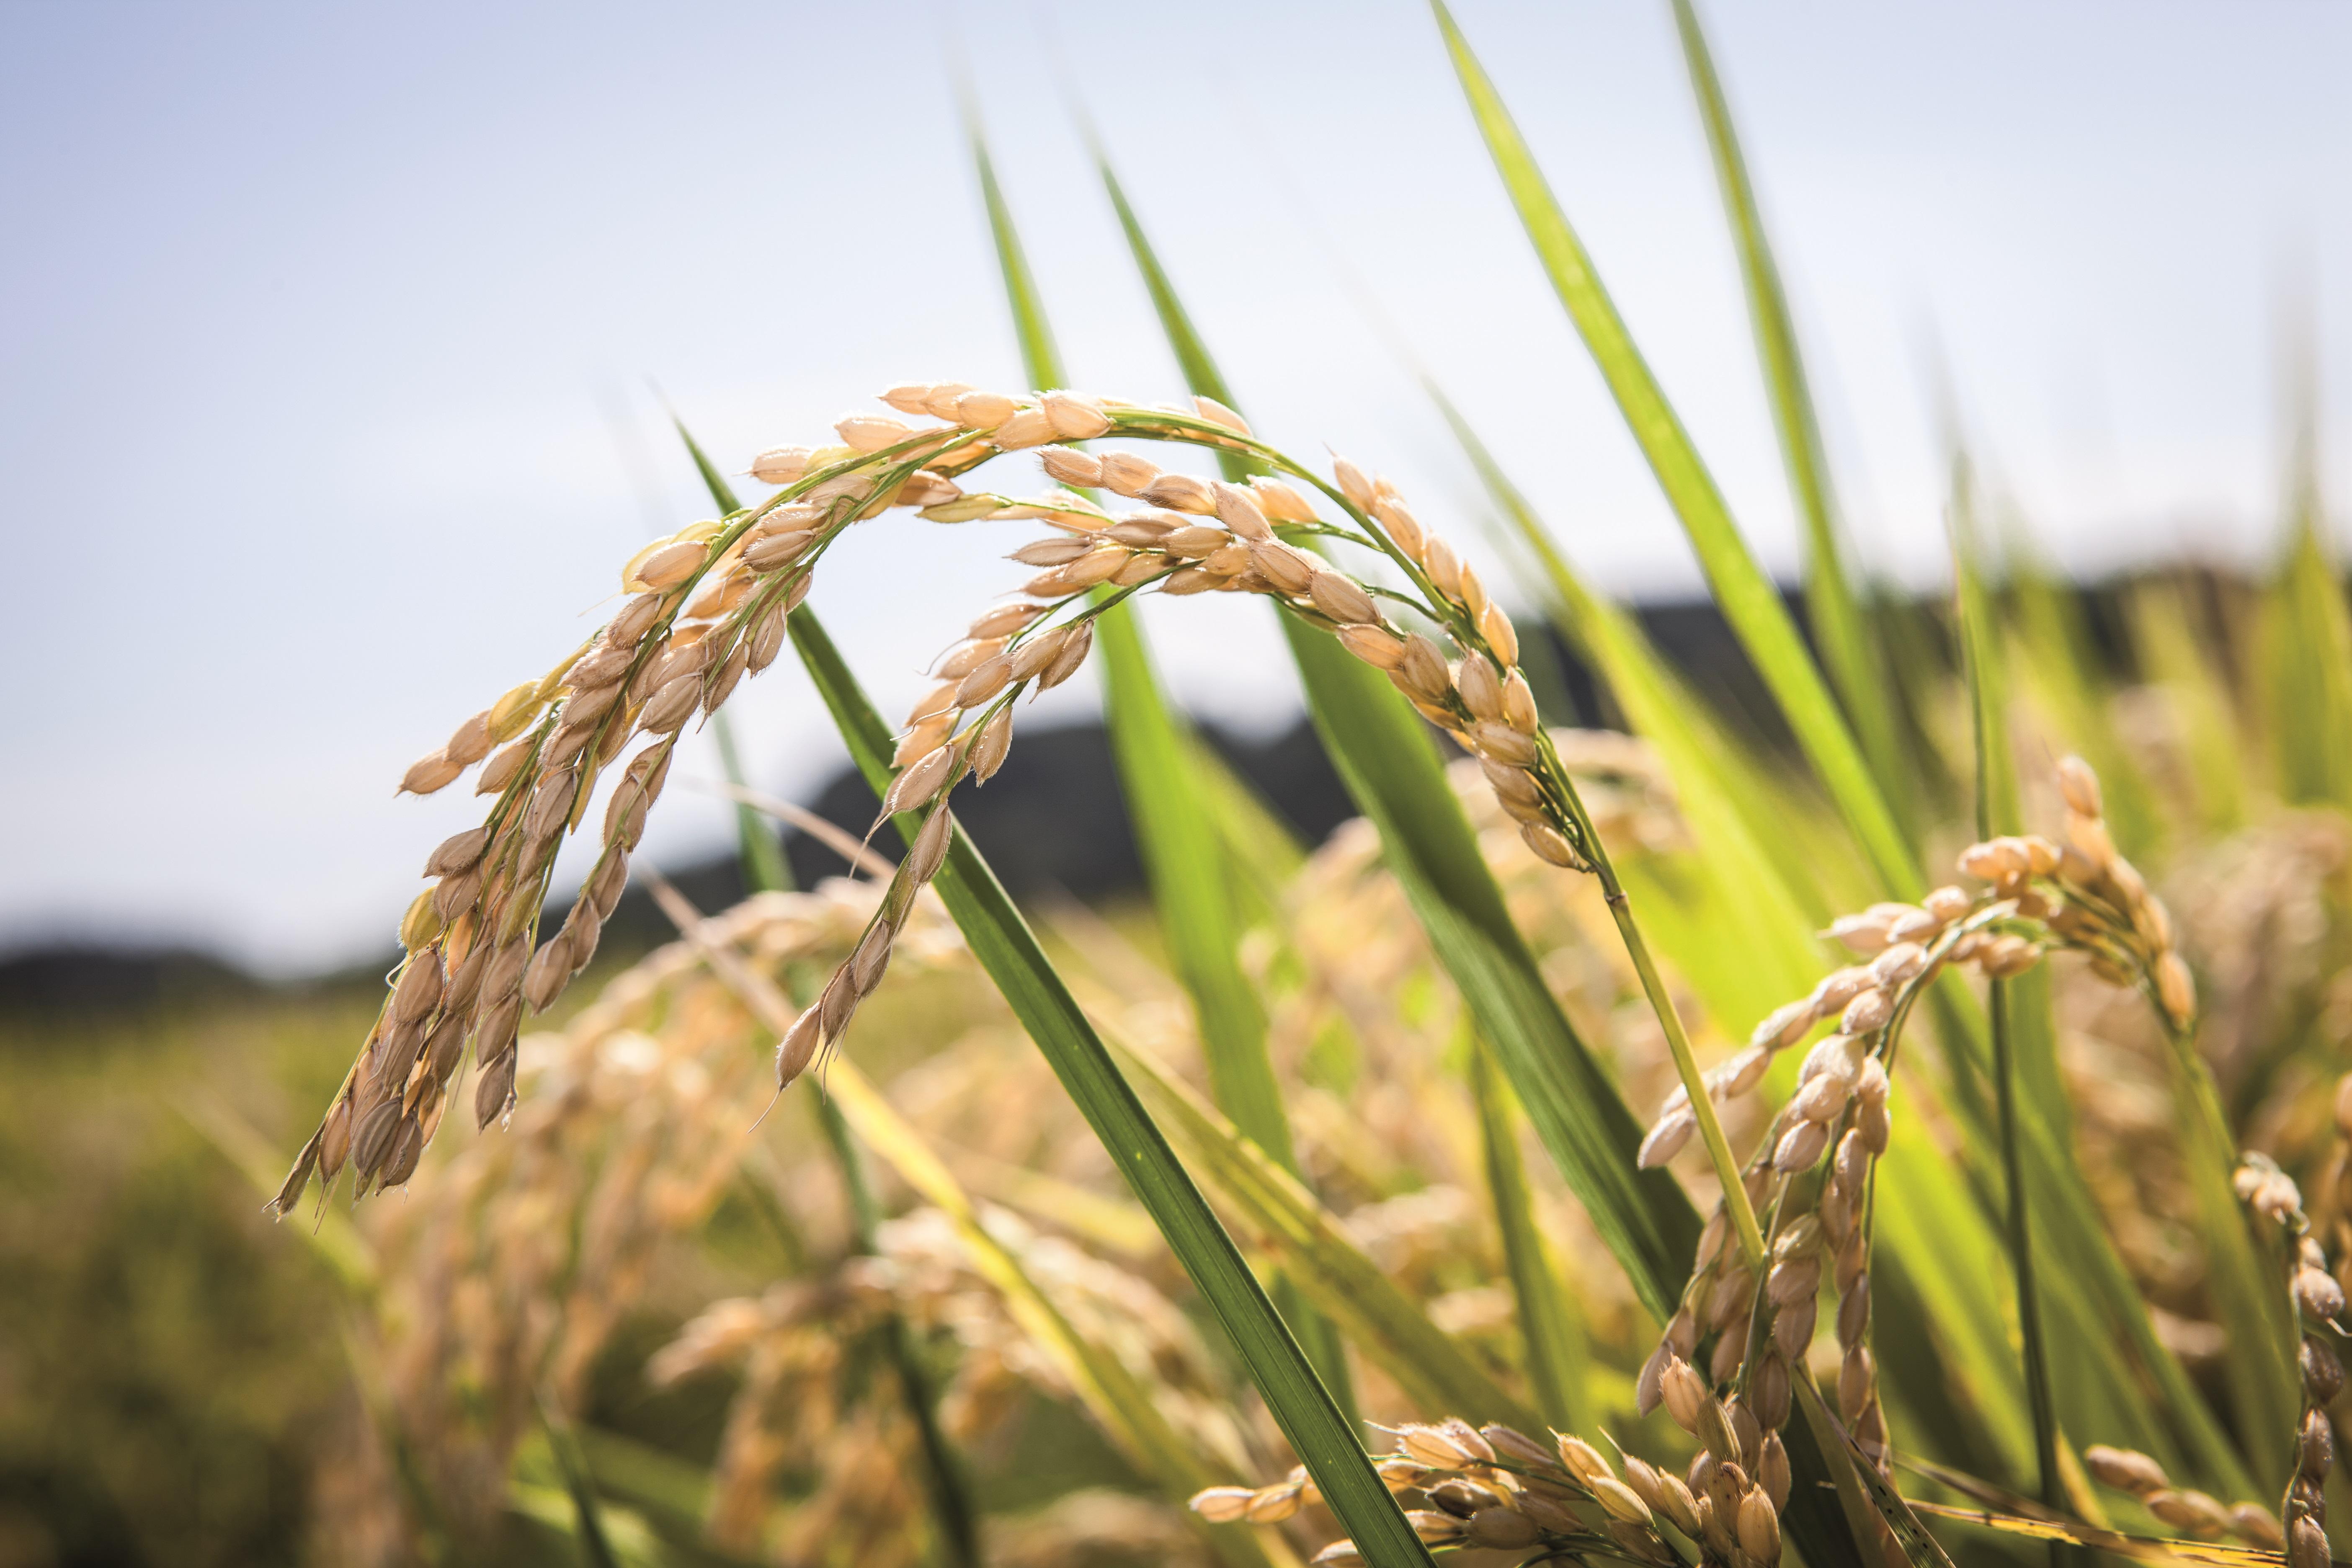 Control de helminthosporium en arroz Hpv high risk quest